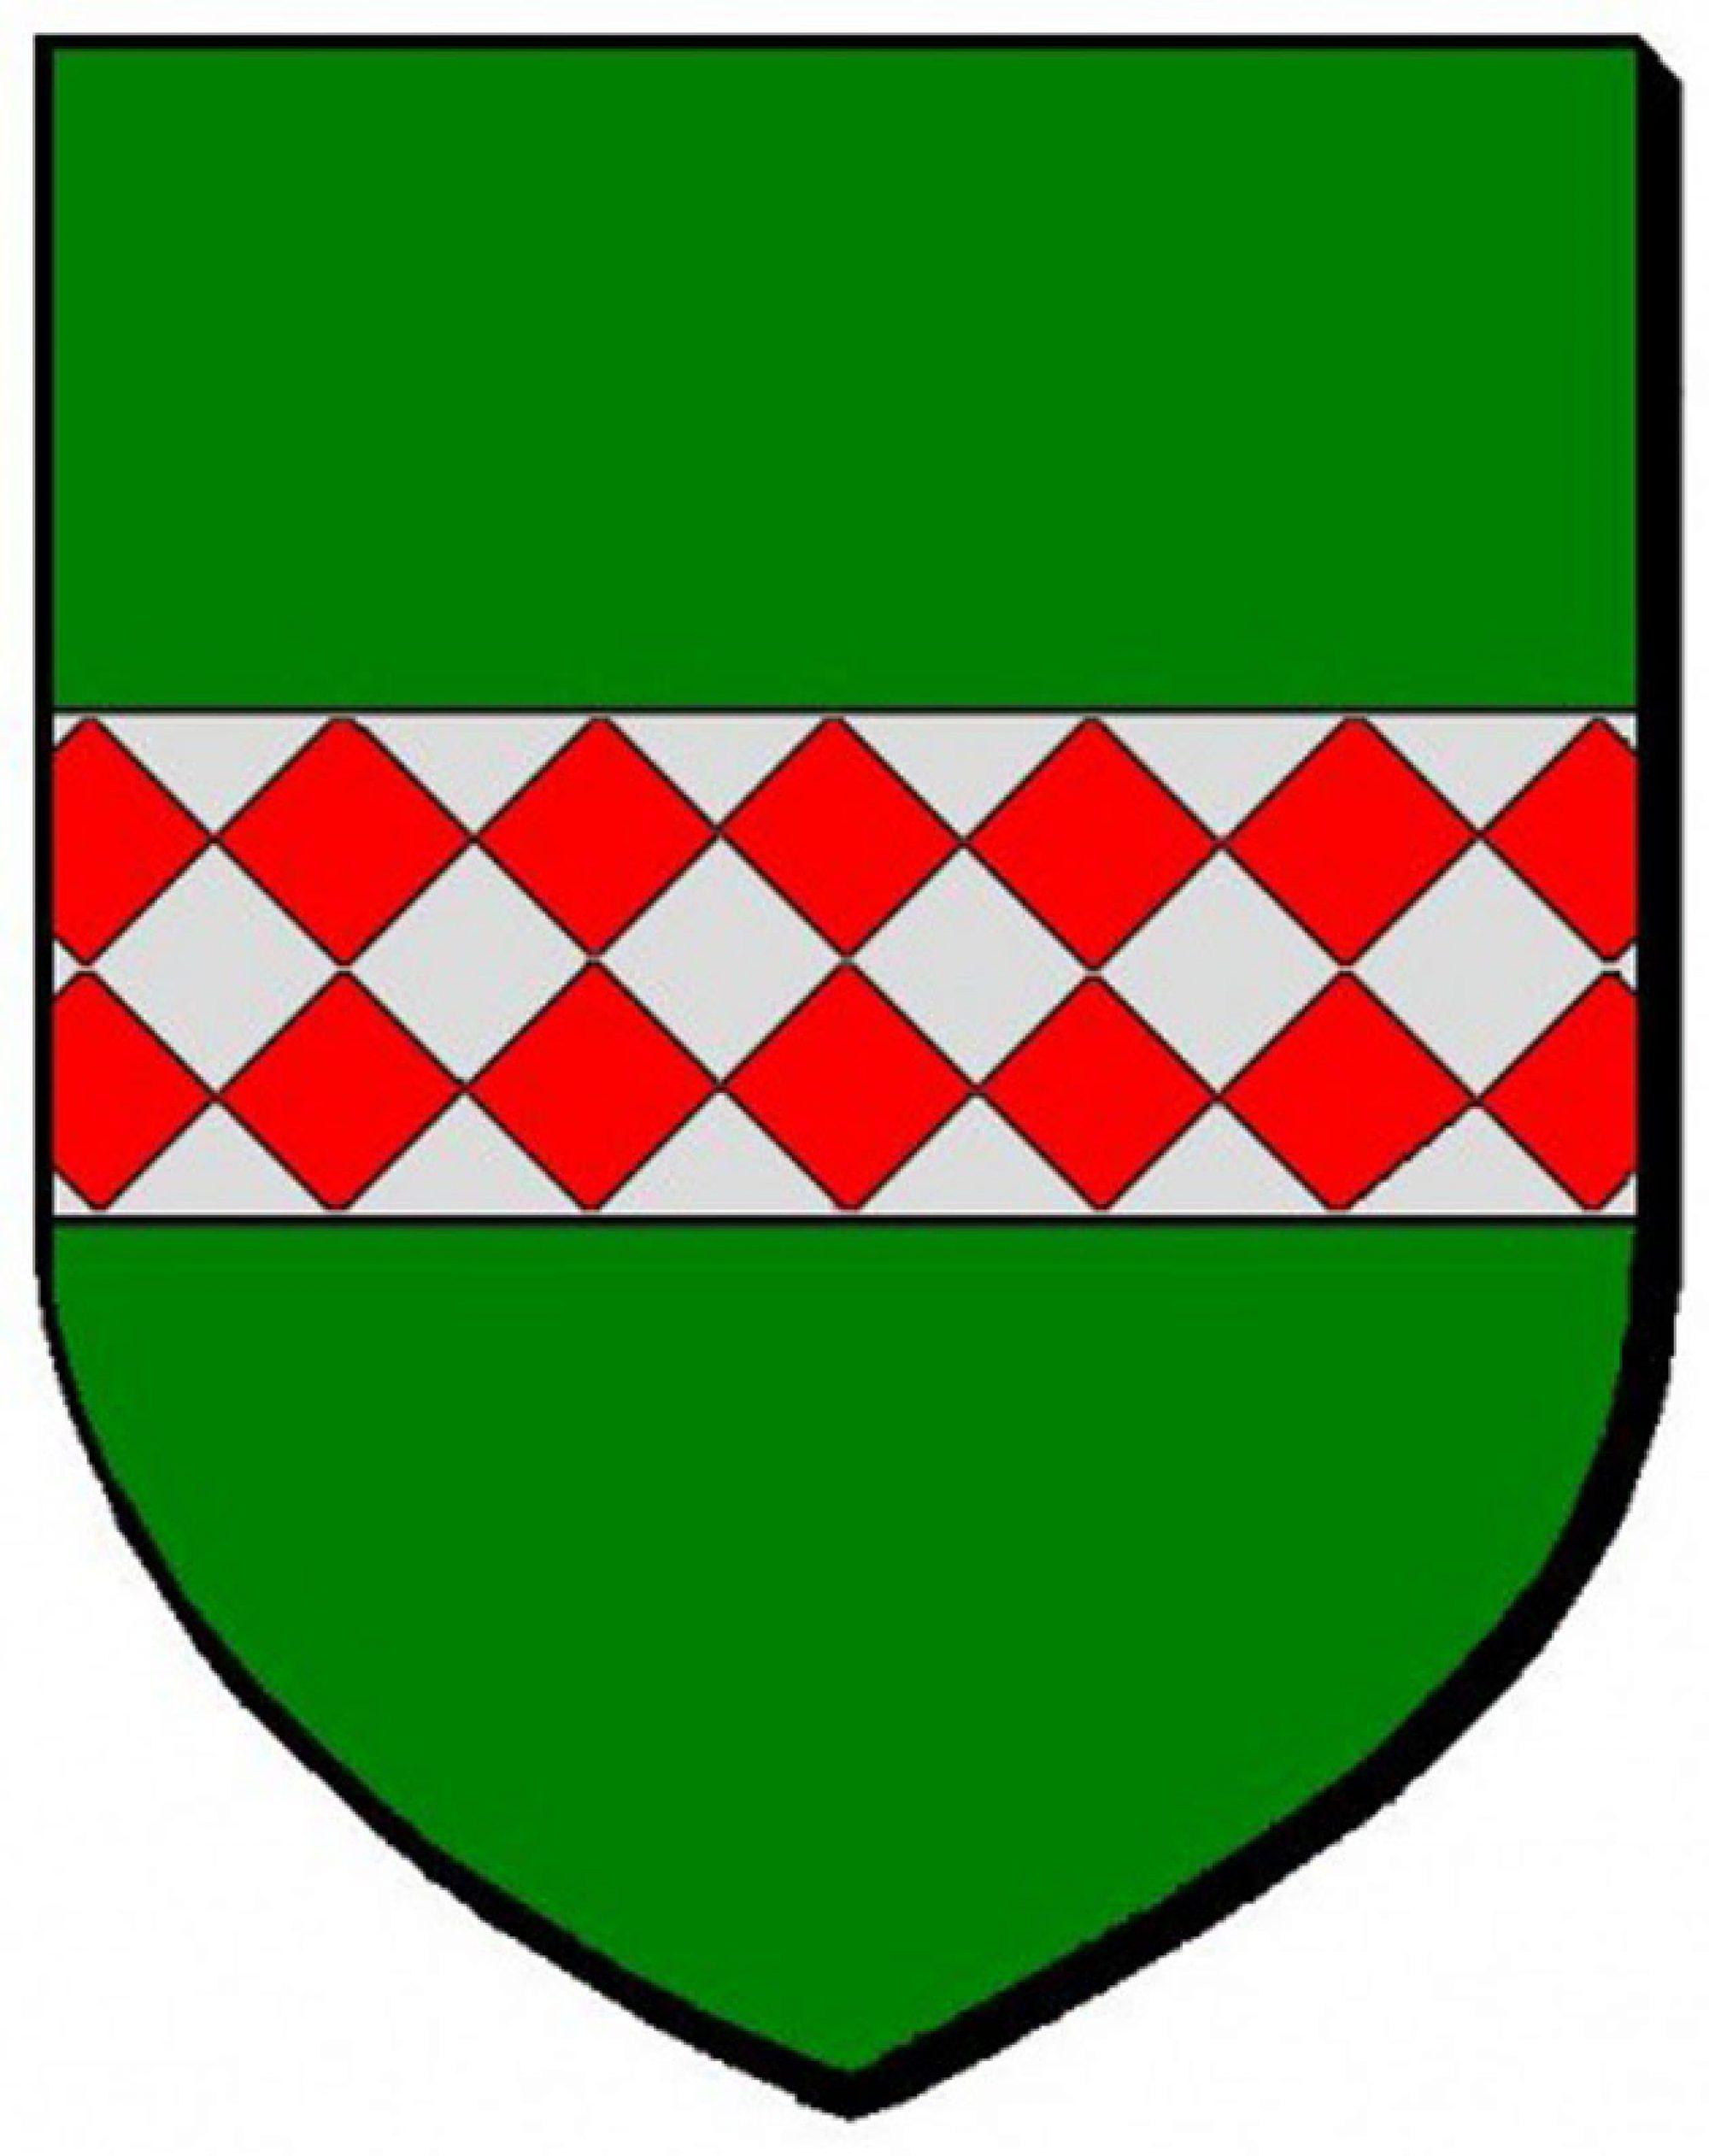 BELVéZET